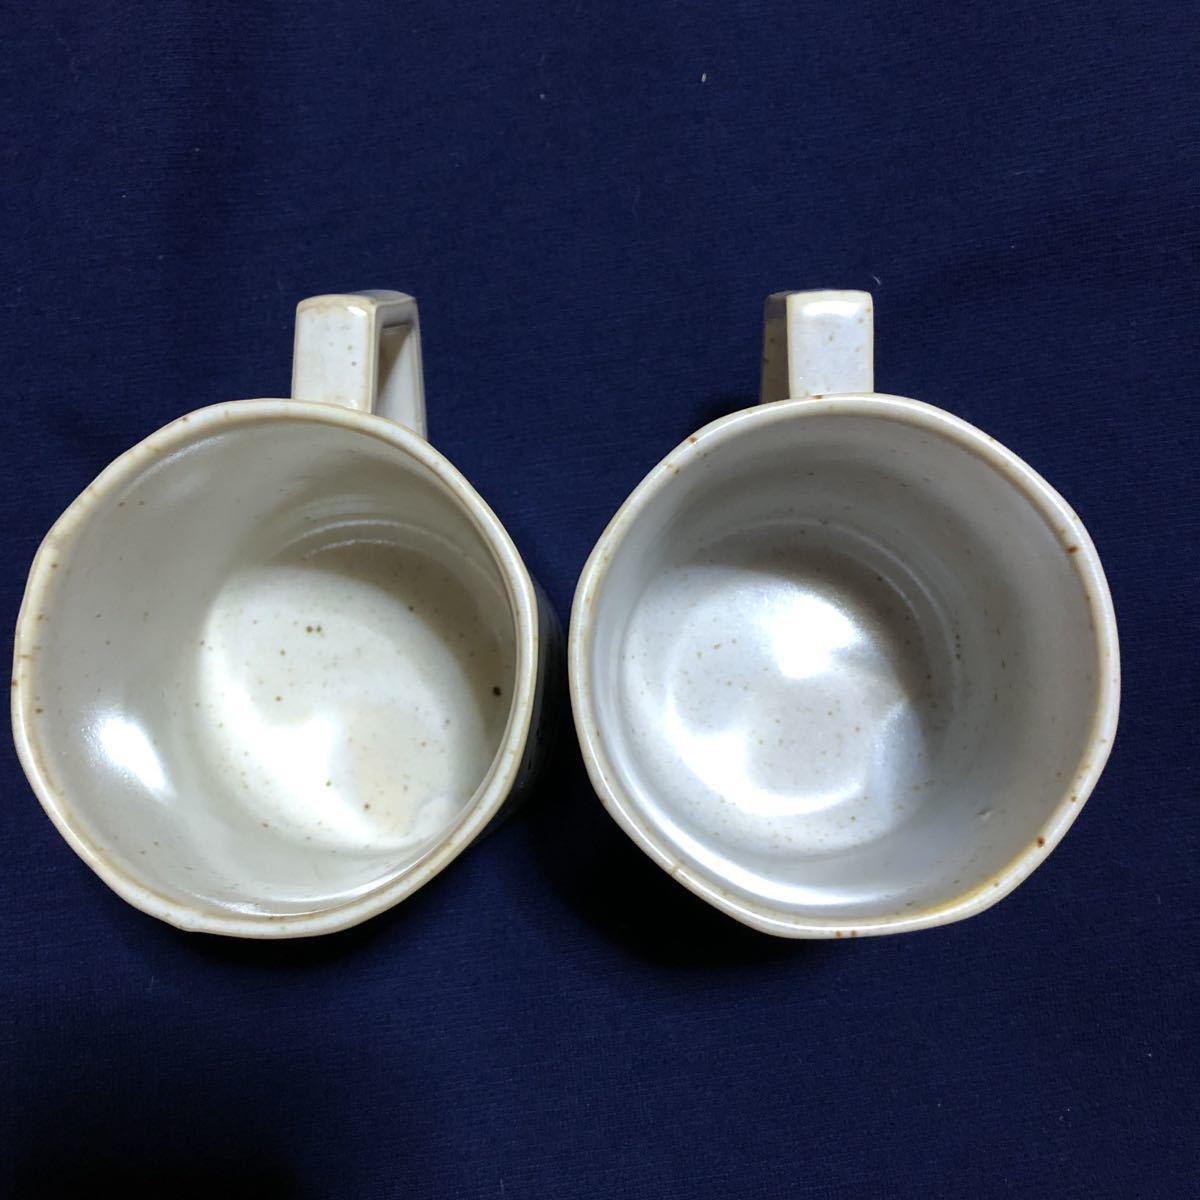 *昭和レトロ*激レア非売品 ネスカフェ NESCAFE マグカップ 2個セット ノベルティ 当時物_画像3